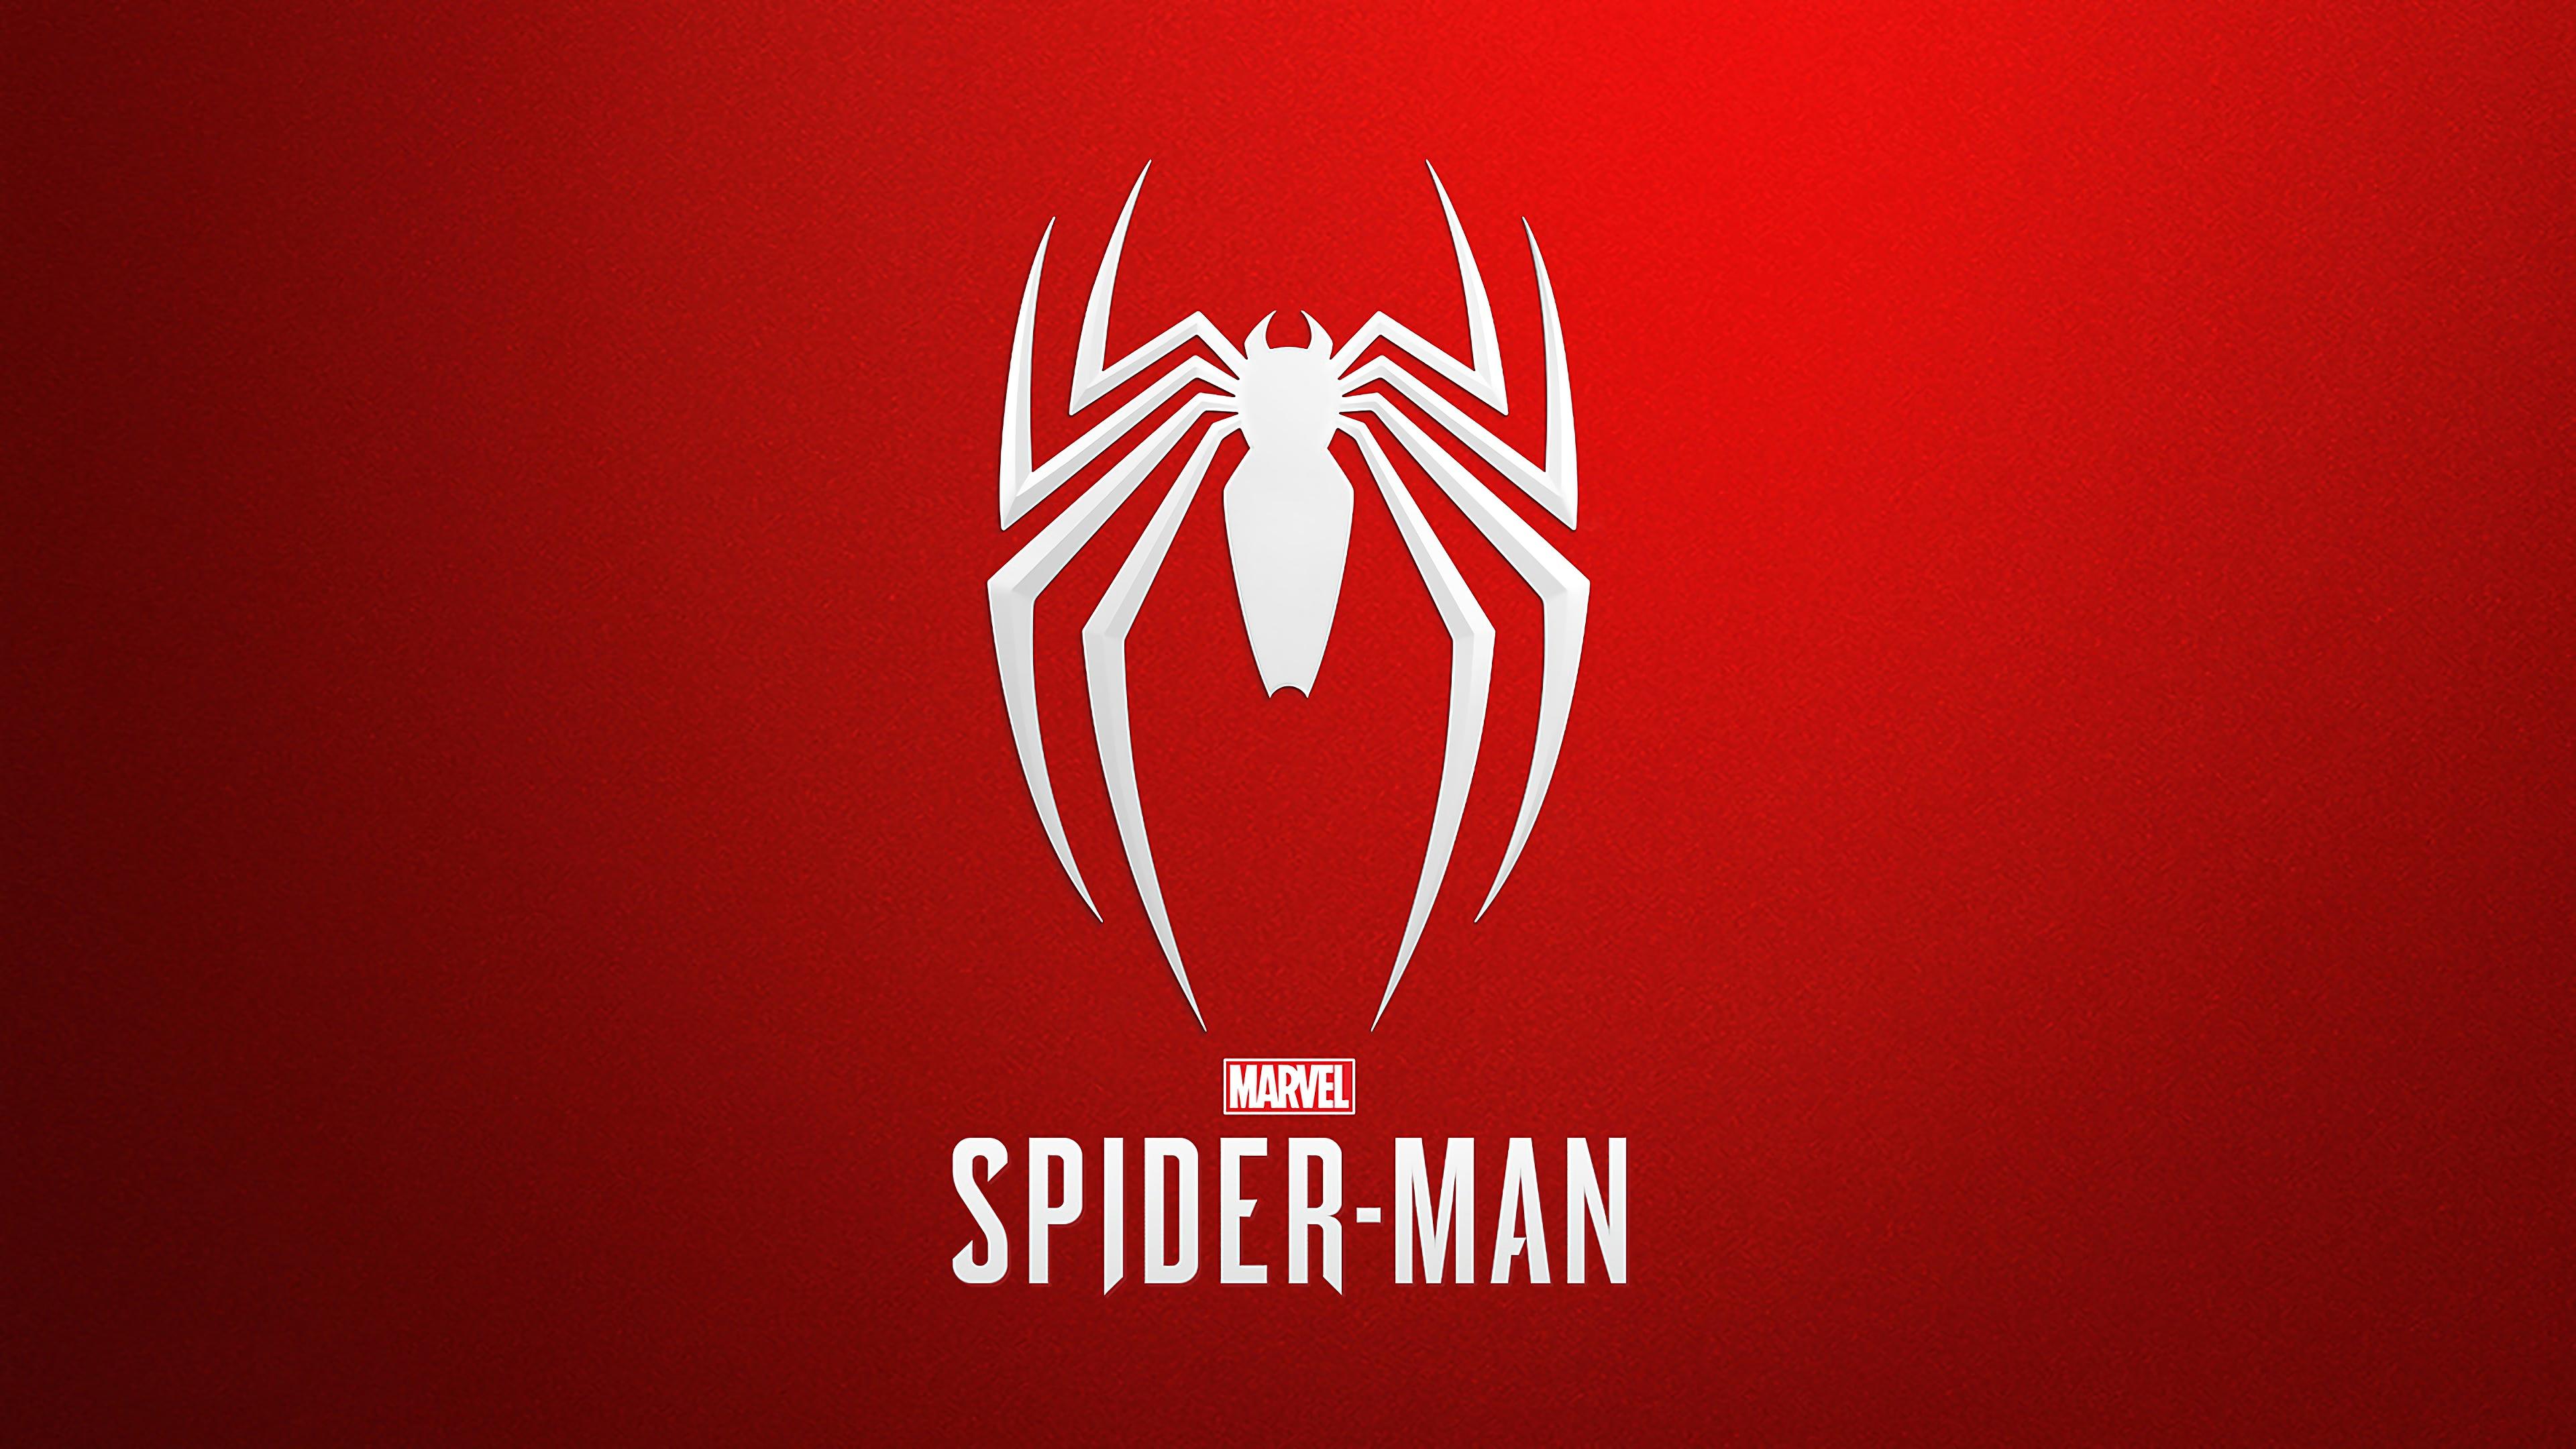 Marvel Iphone Wallpaper Spider Man Ps4 4k 8k Hd Wallpaper 3